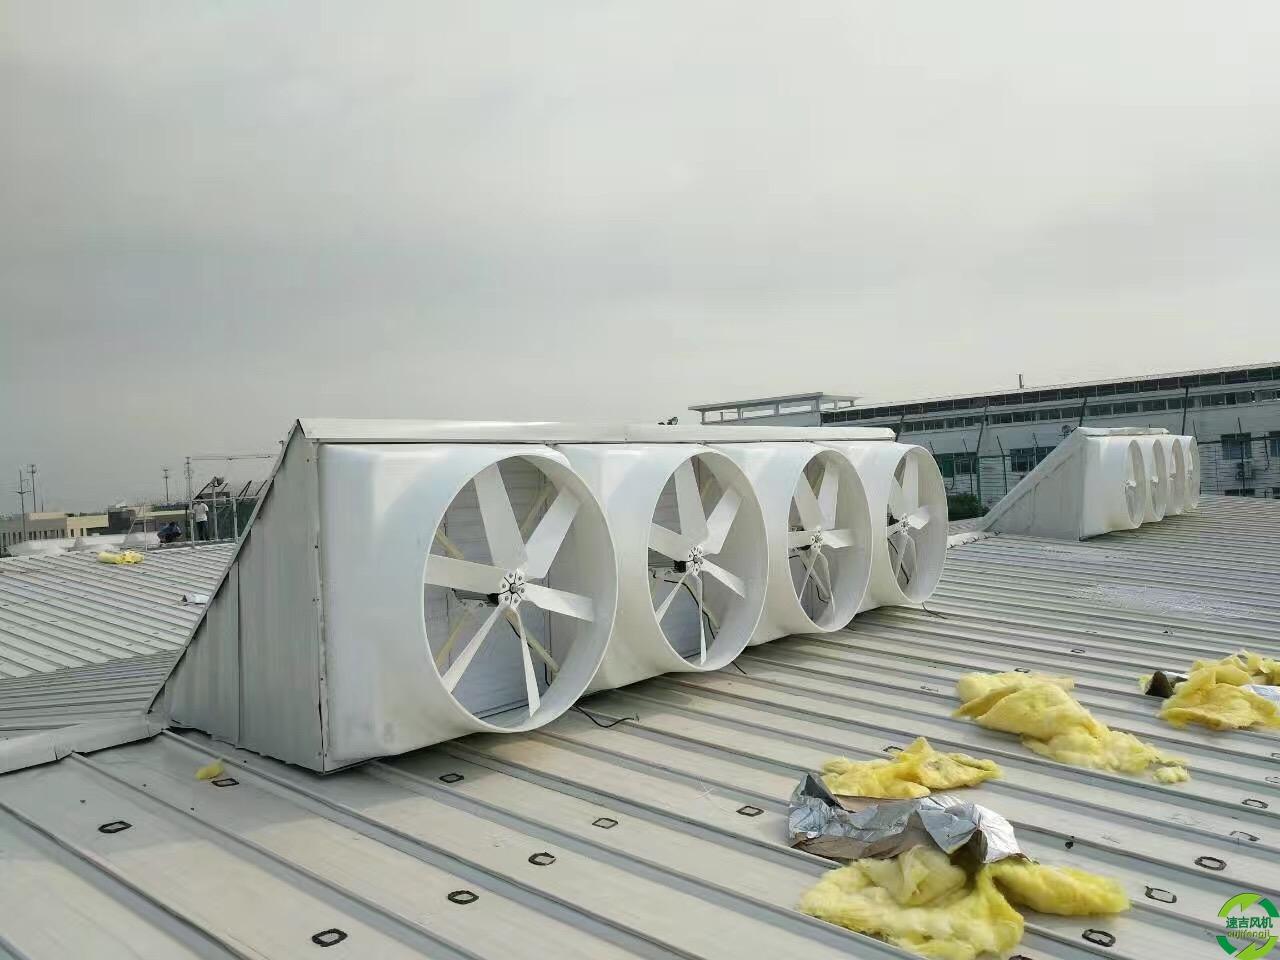 浙江批发基地落户温州提供1460台工业负压风机排